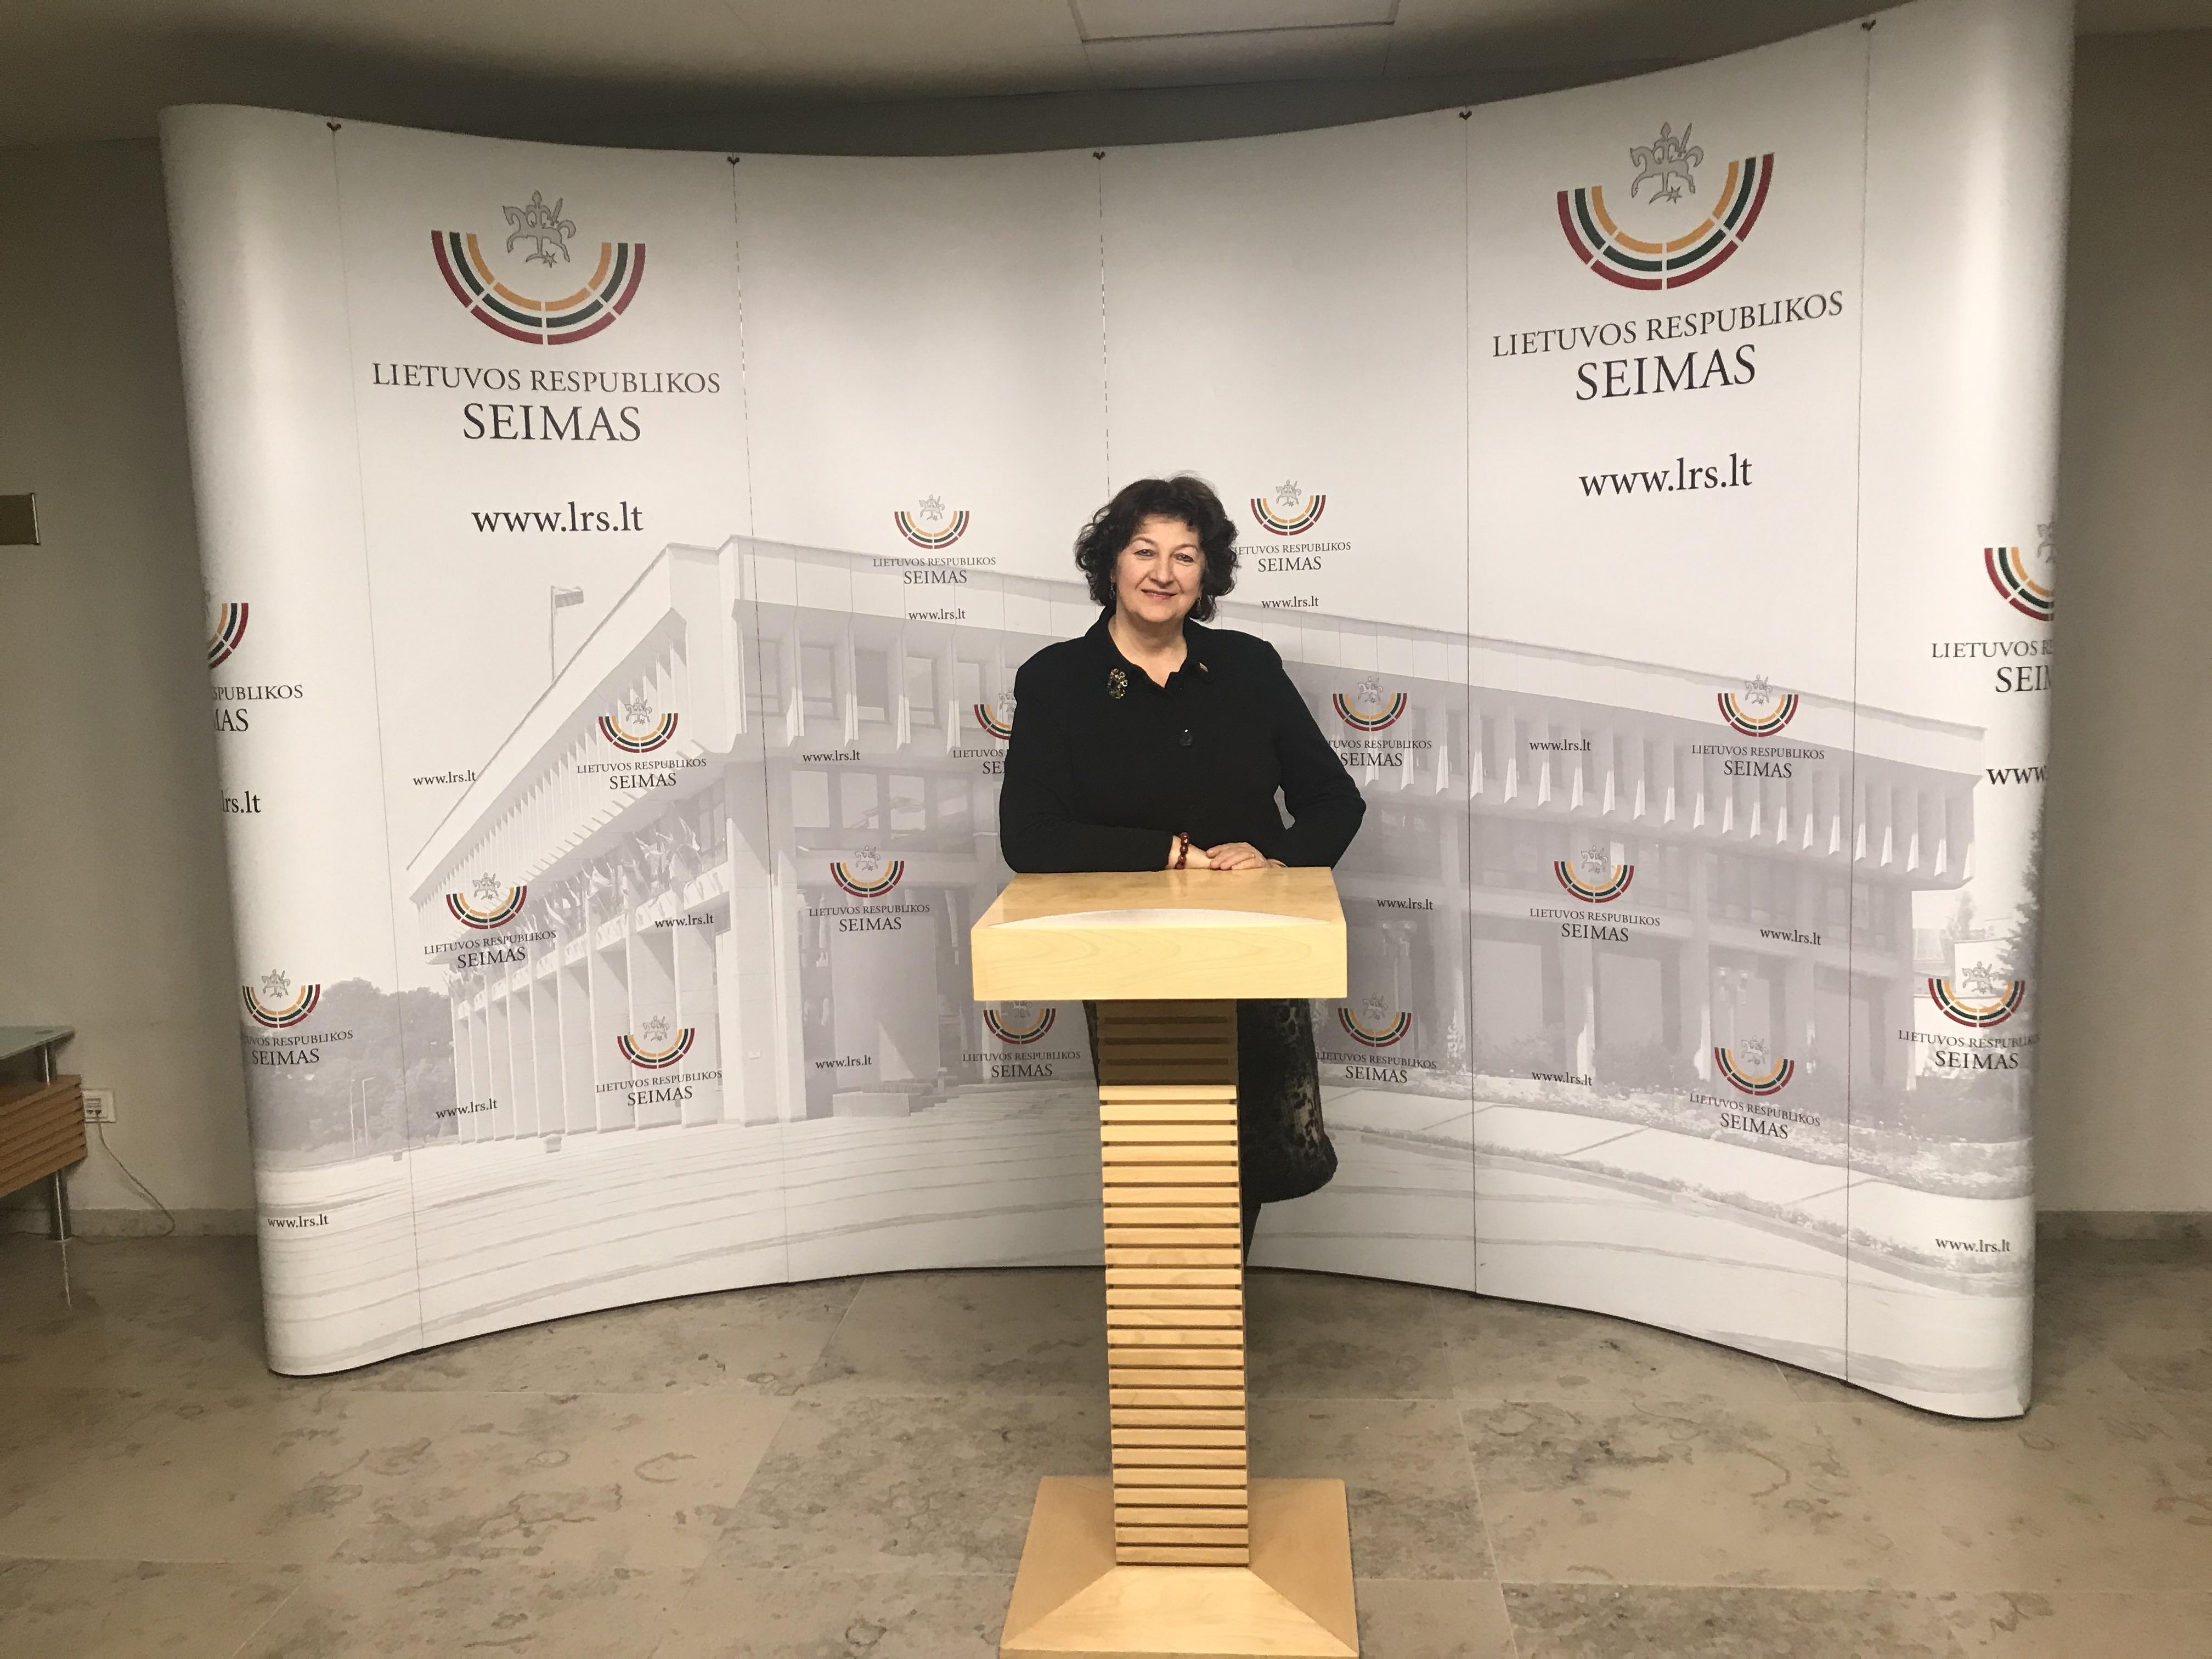 """Seimo narė Laimutė Matkevičienė: """"Norint tinkamai vykdyti Seimo nario pareigas, labai svarbu išgirsti žmonių problemas"""""""